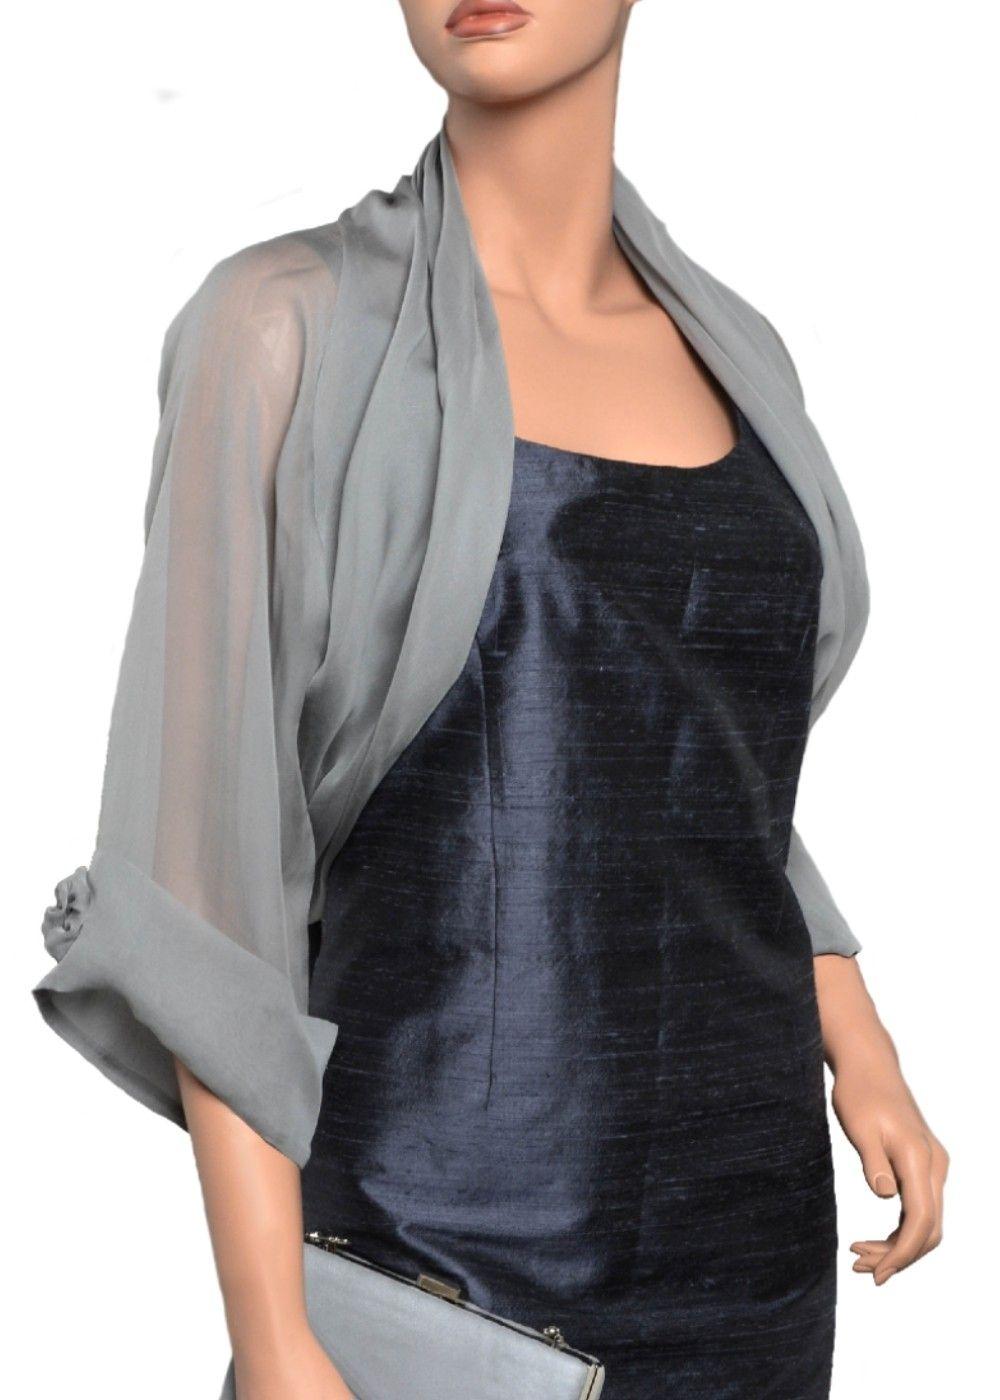 Silk chiffon evening bolero jacket. Sizes from Extra Small ...